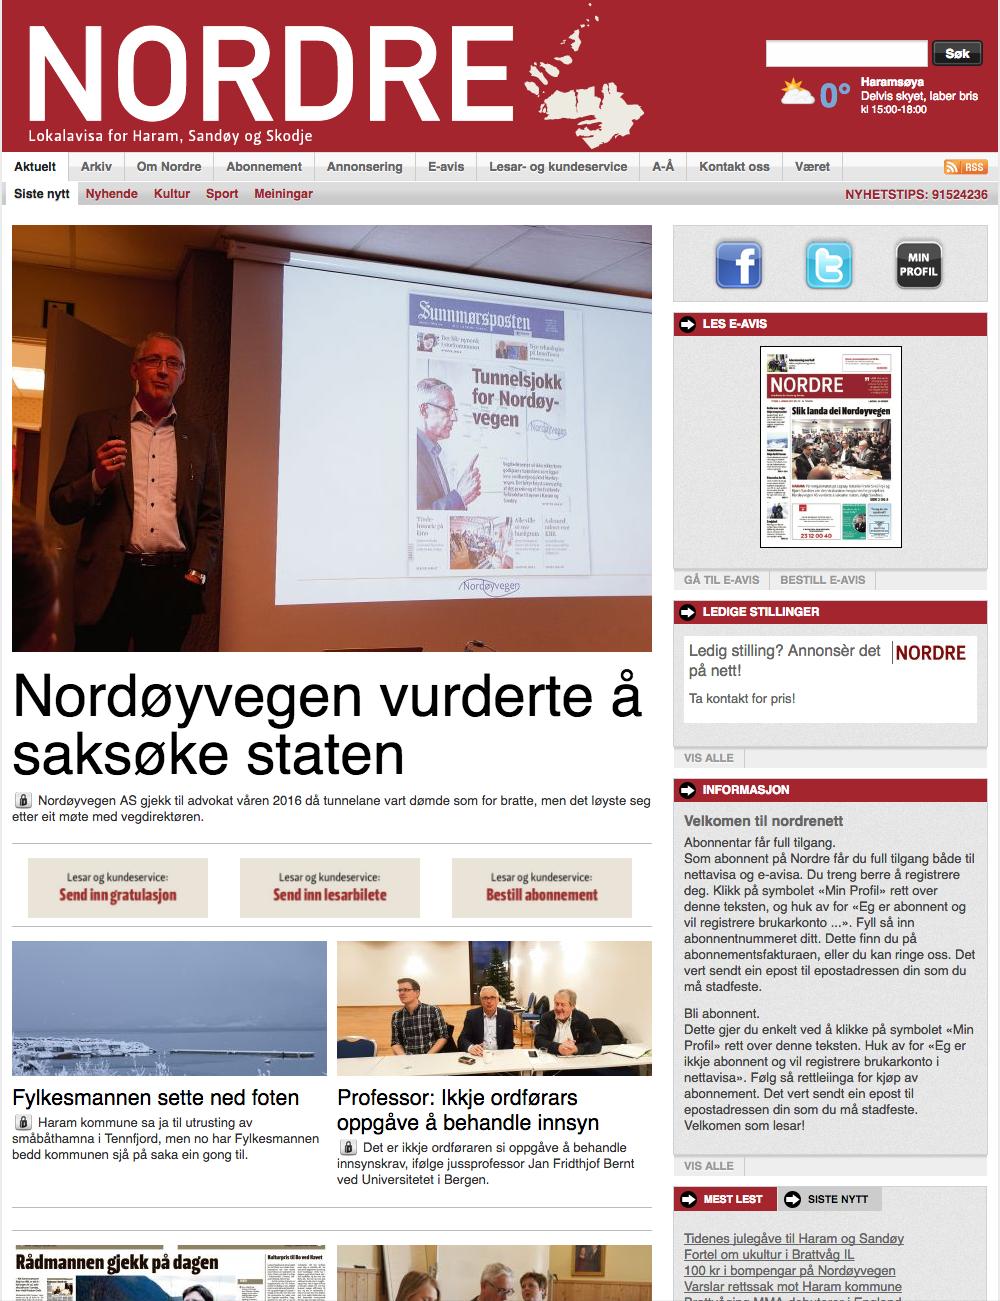 blad abonnement norske jenter snap